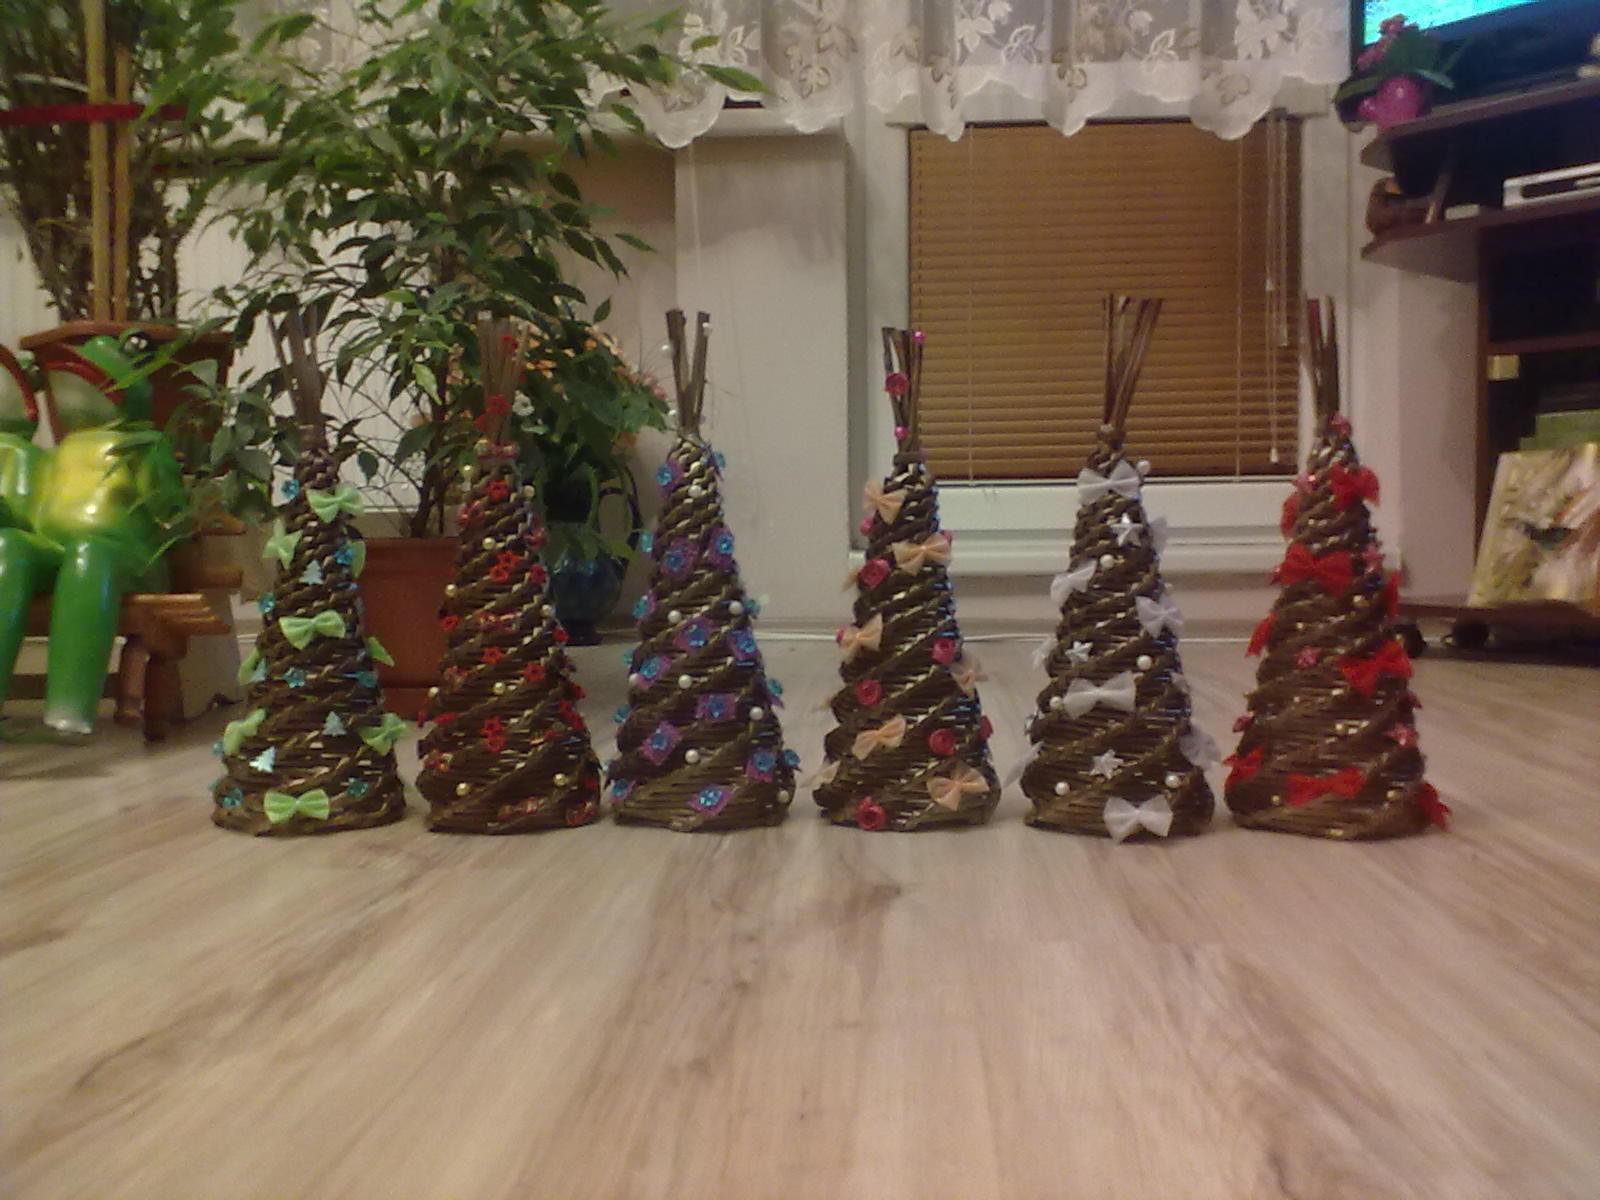 24a34ab30 Vianočné stromčeky pletené z papiera - Album používateľky mata26010106